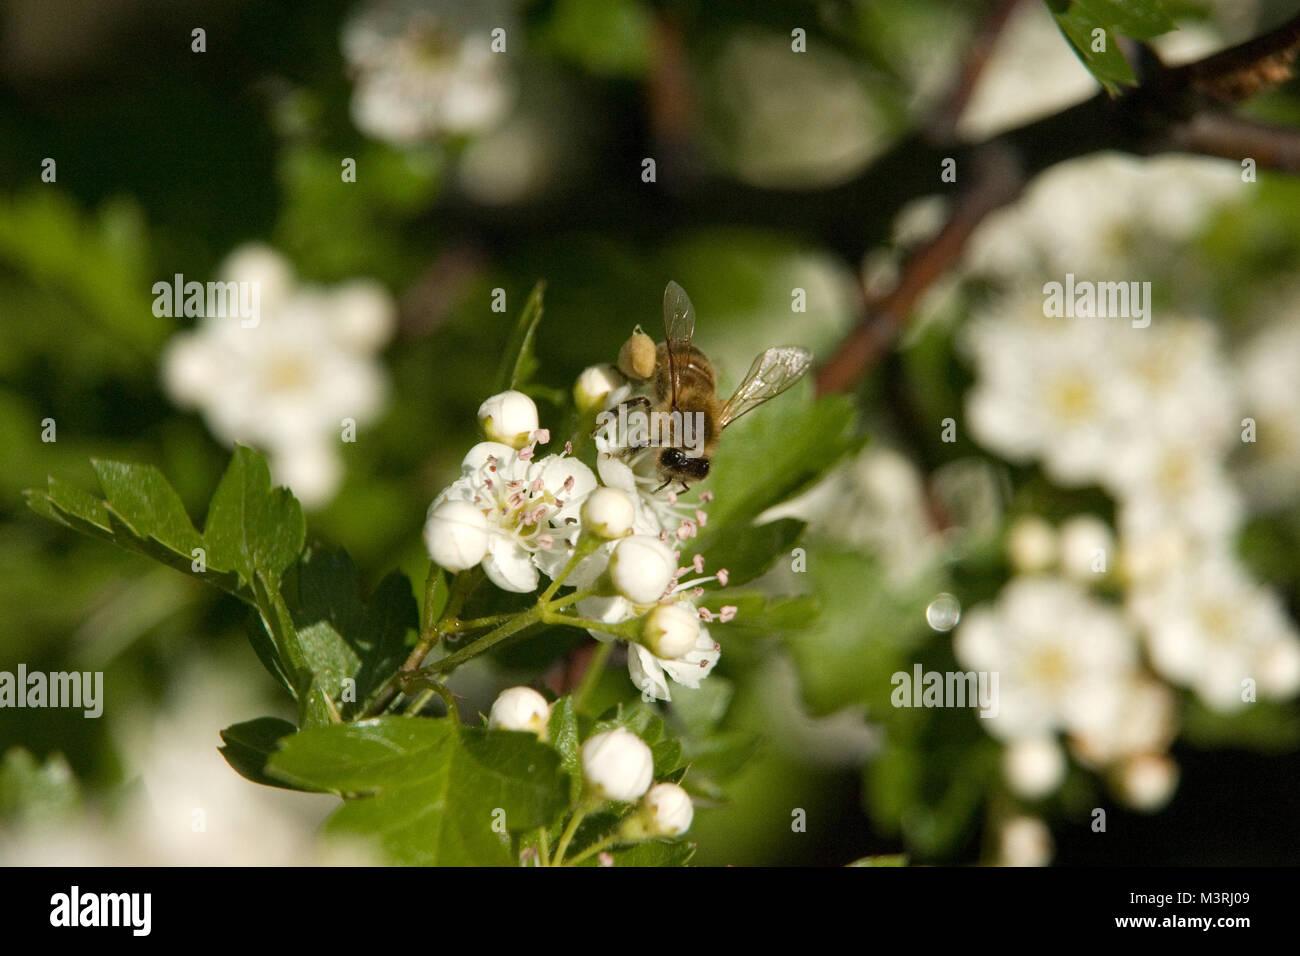 Il melo ospita lavorando bee. Primo piano sul bee impollinare i fiori bianchi con ciuffo di stami gialli. Una messa Immagini Stock